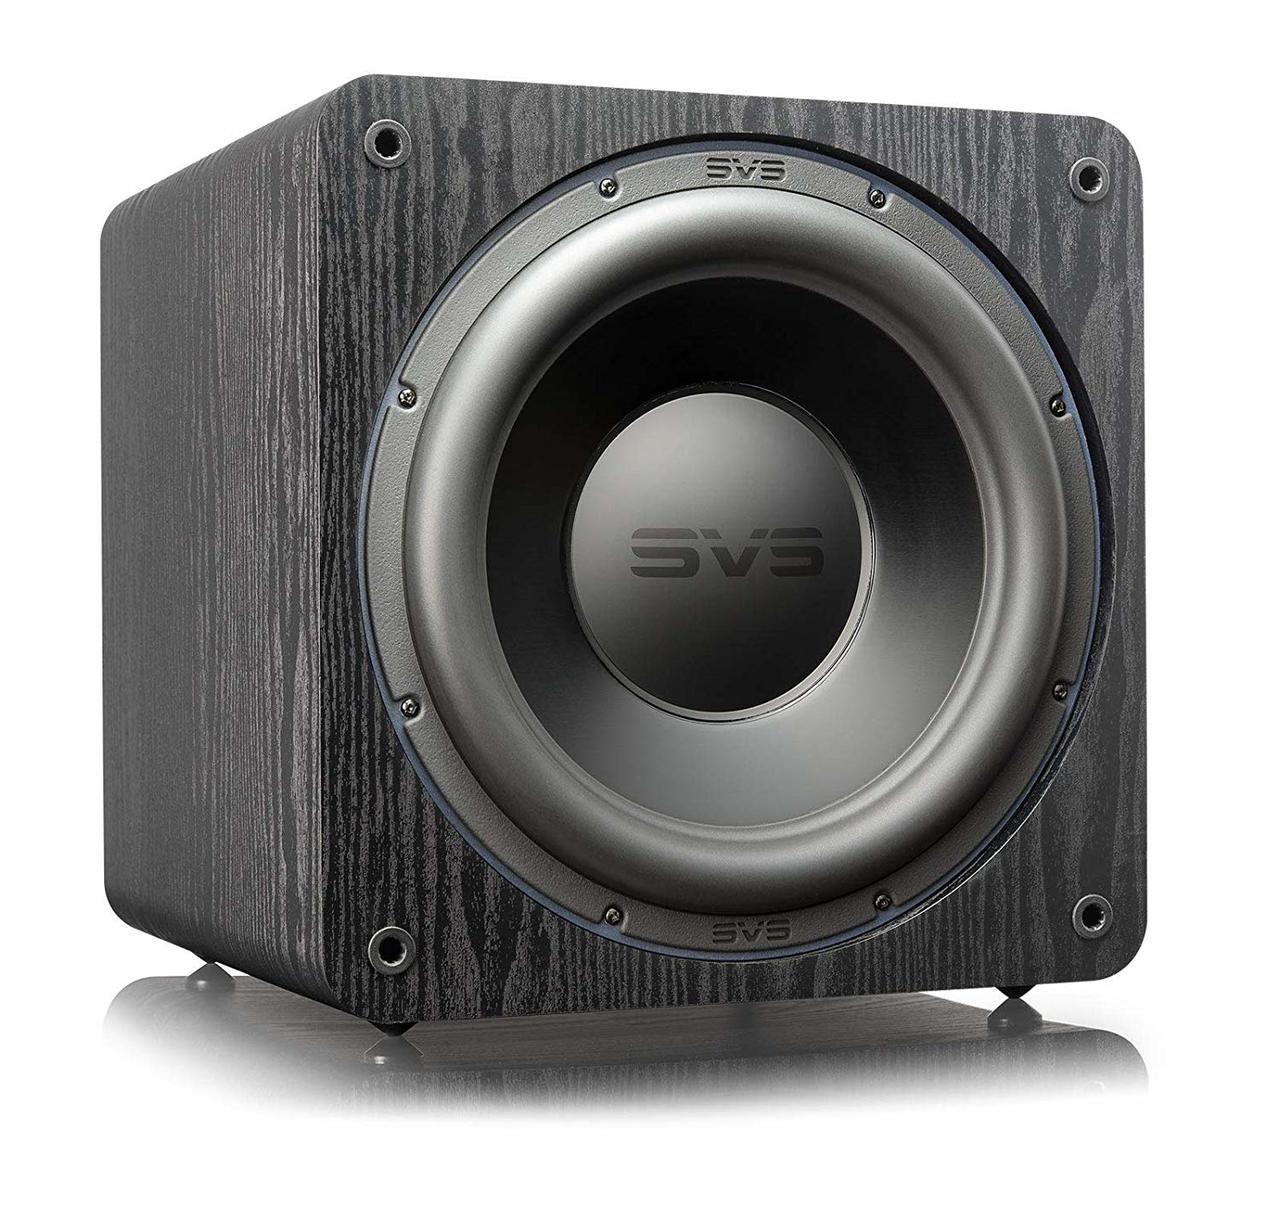 SVS Sound Revolution SB-3000 Subwoofer-Black Ash